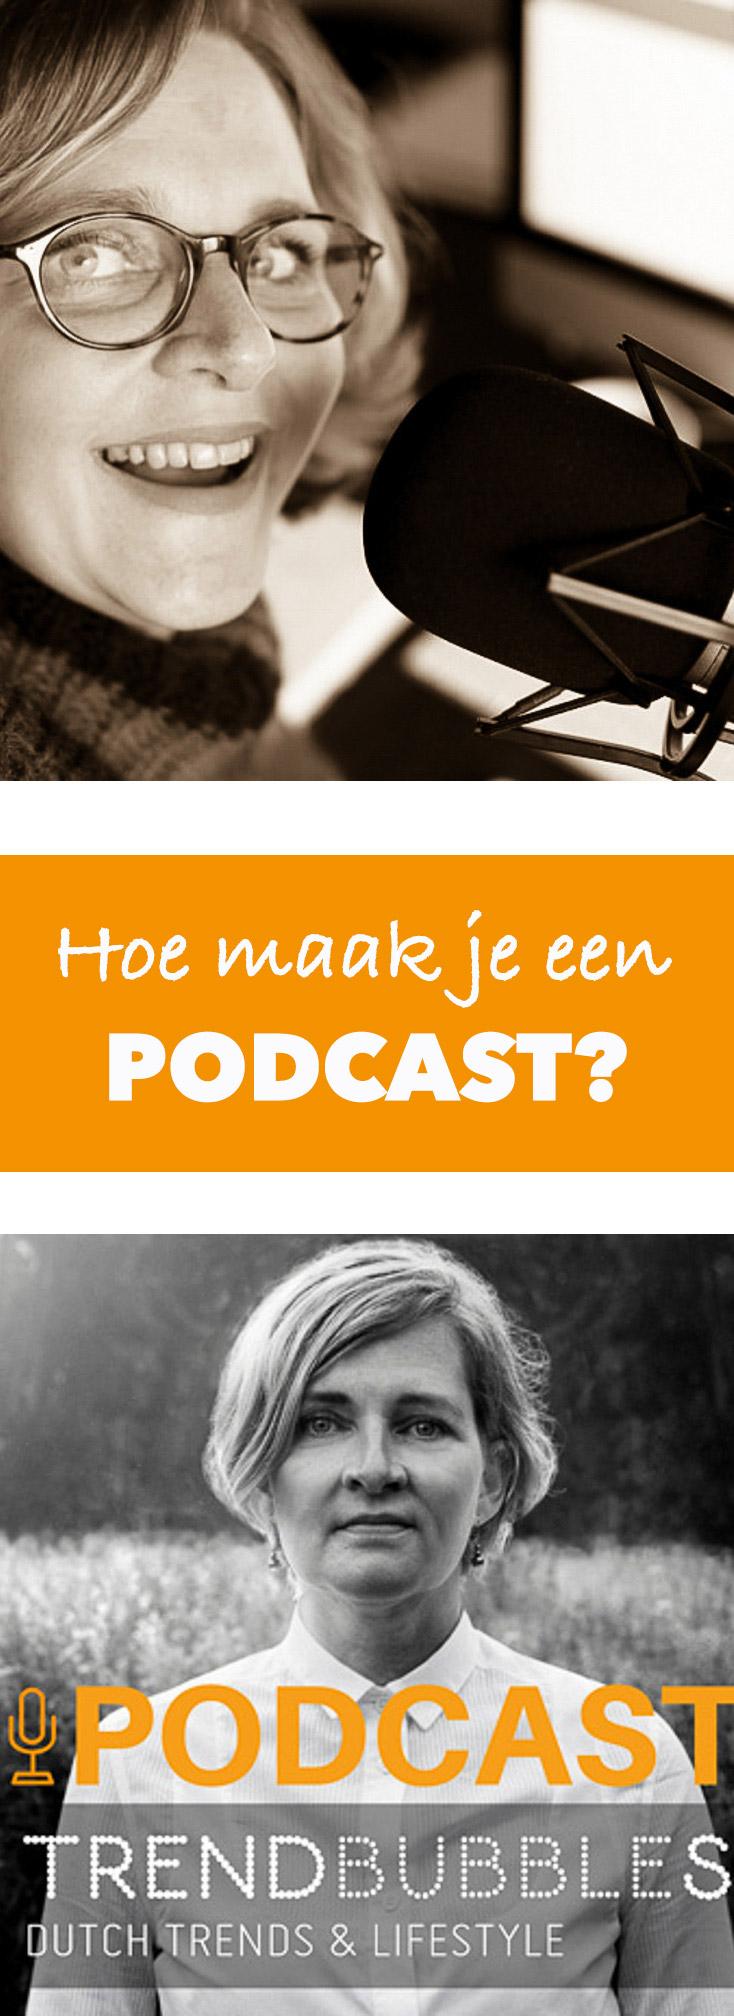 Een podcast show starten hoe doe je dat? | trendbubbles.nl